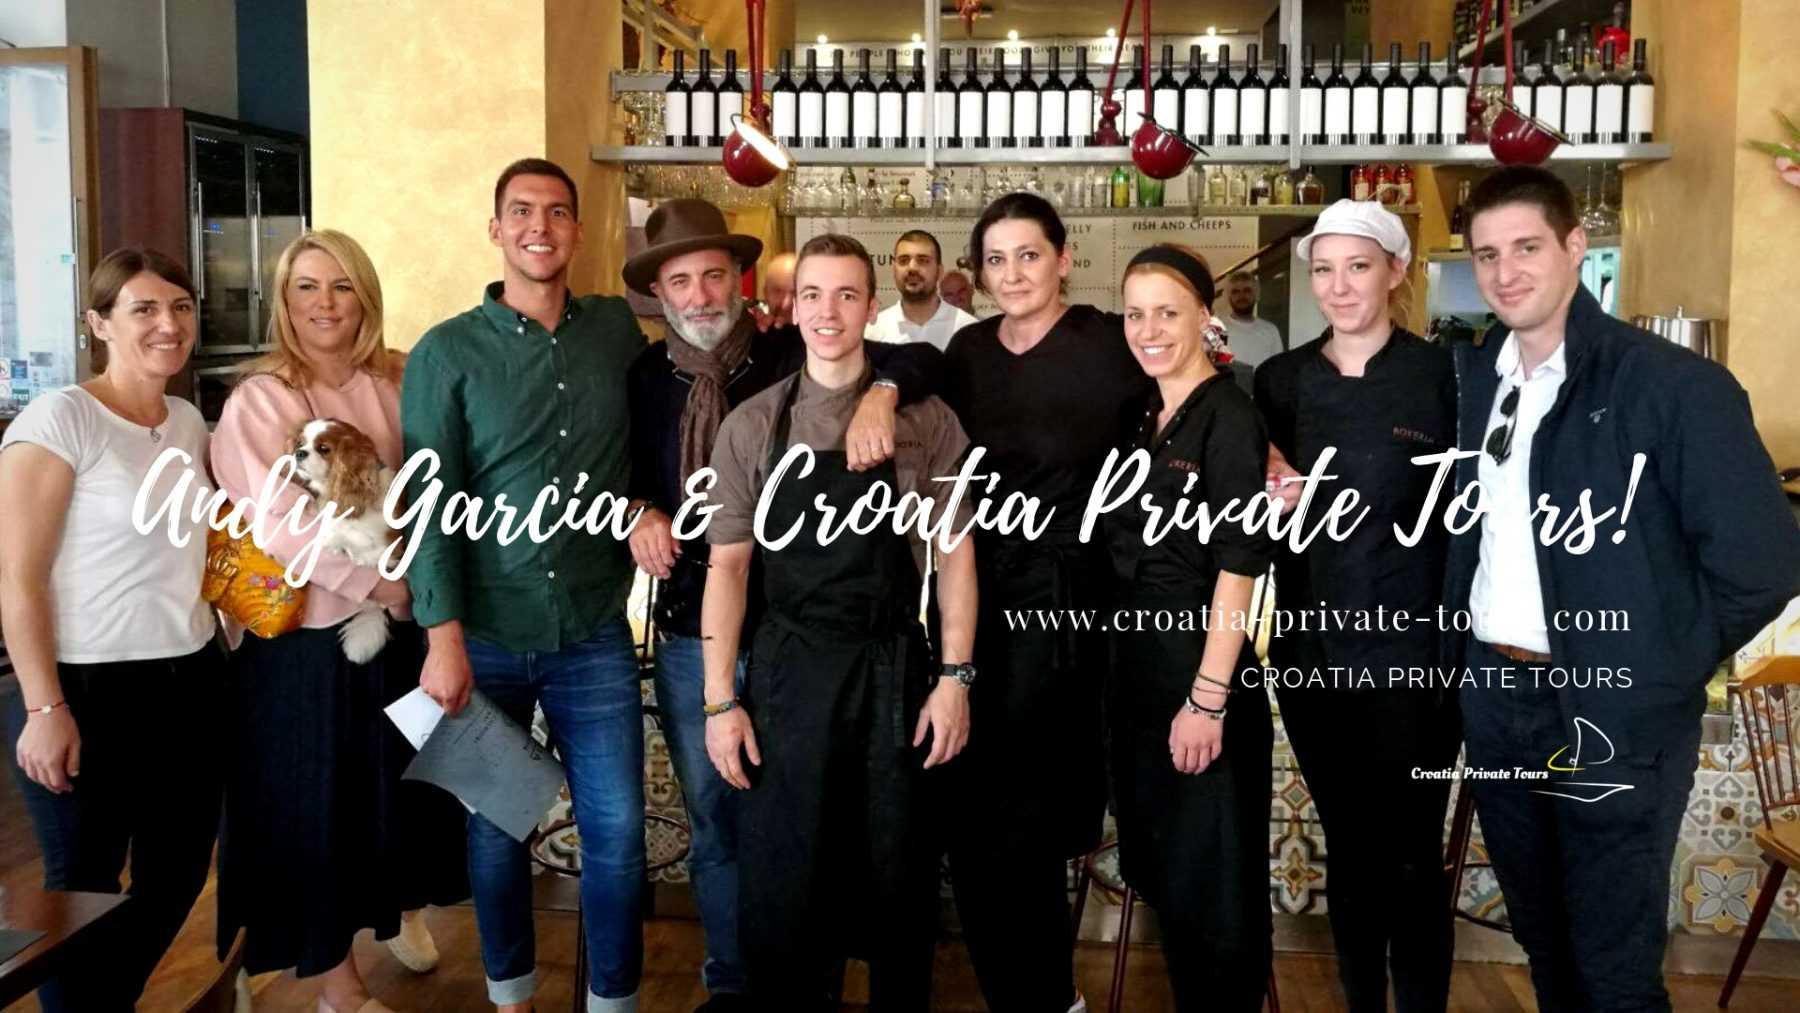 croatia private tours - andy garcia